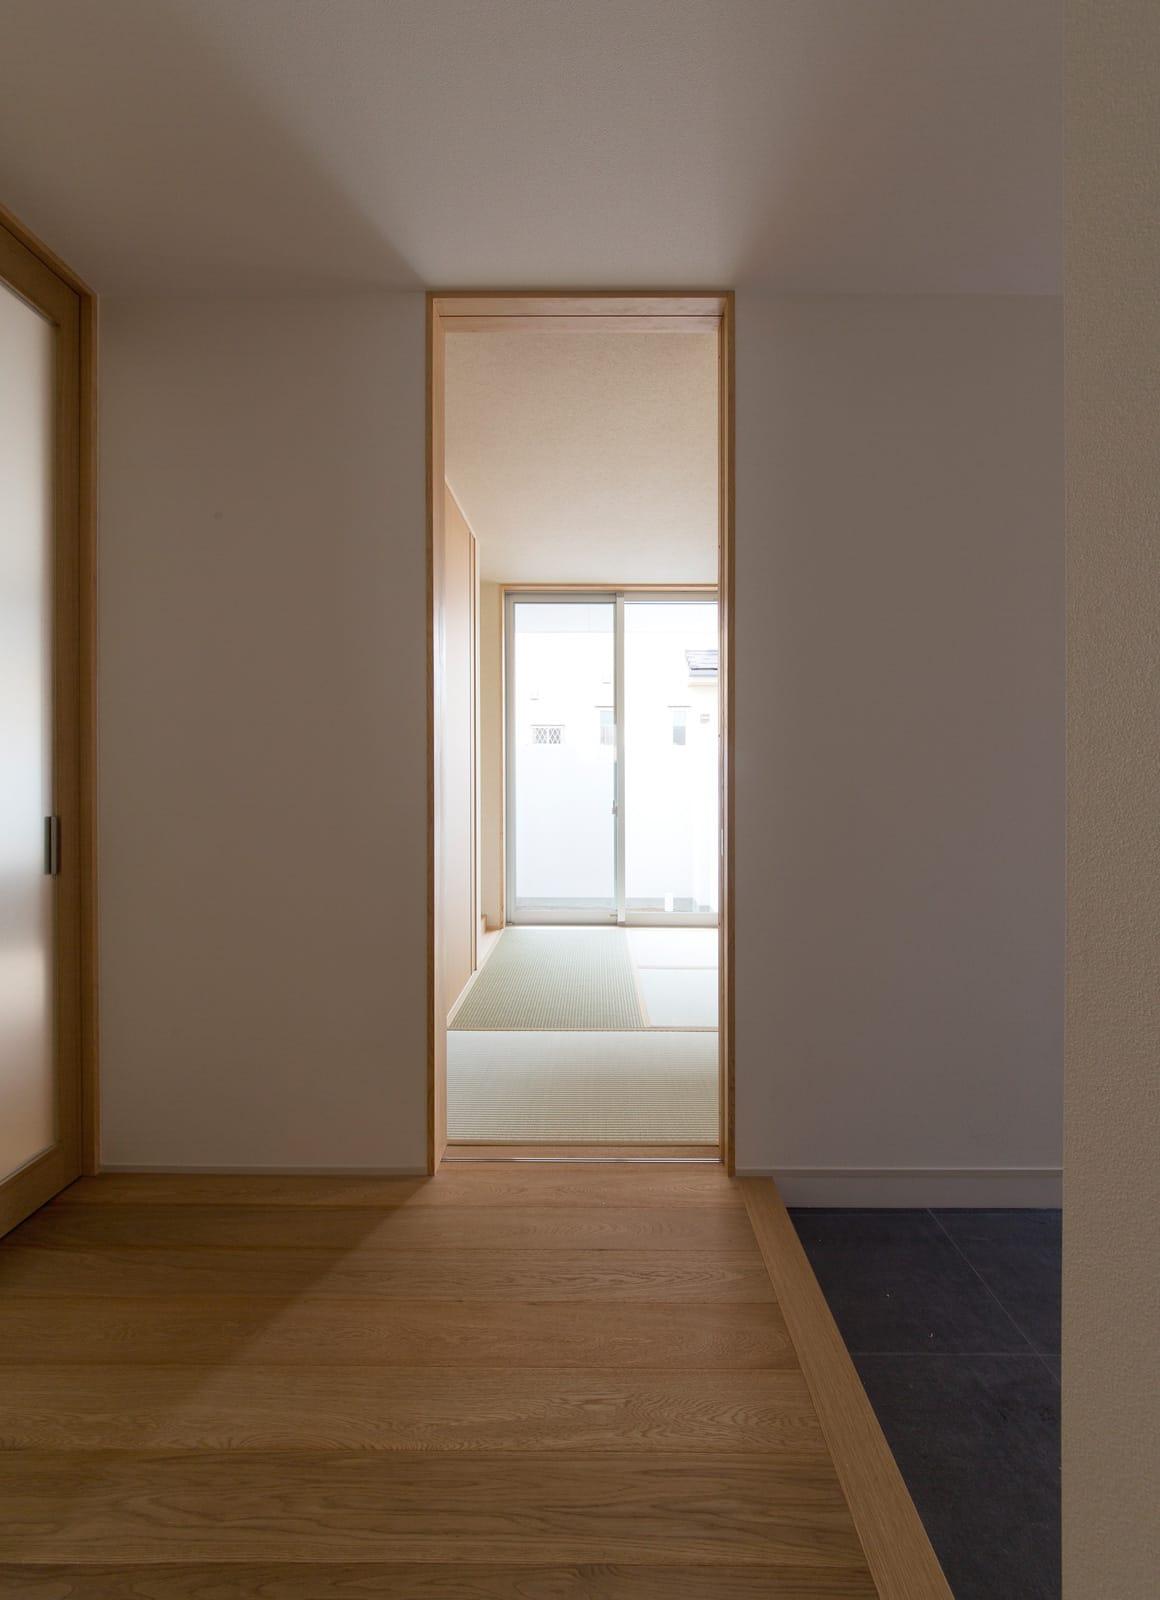 ハイジハウスの部屋1